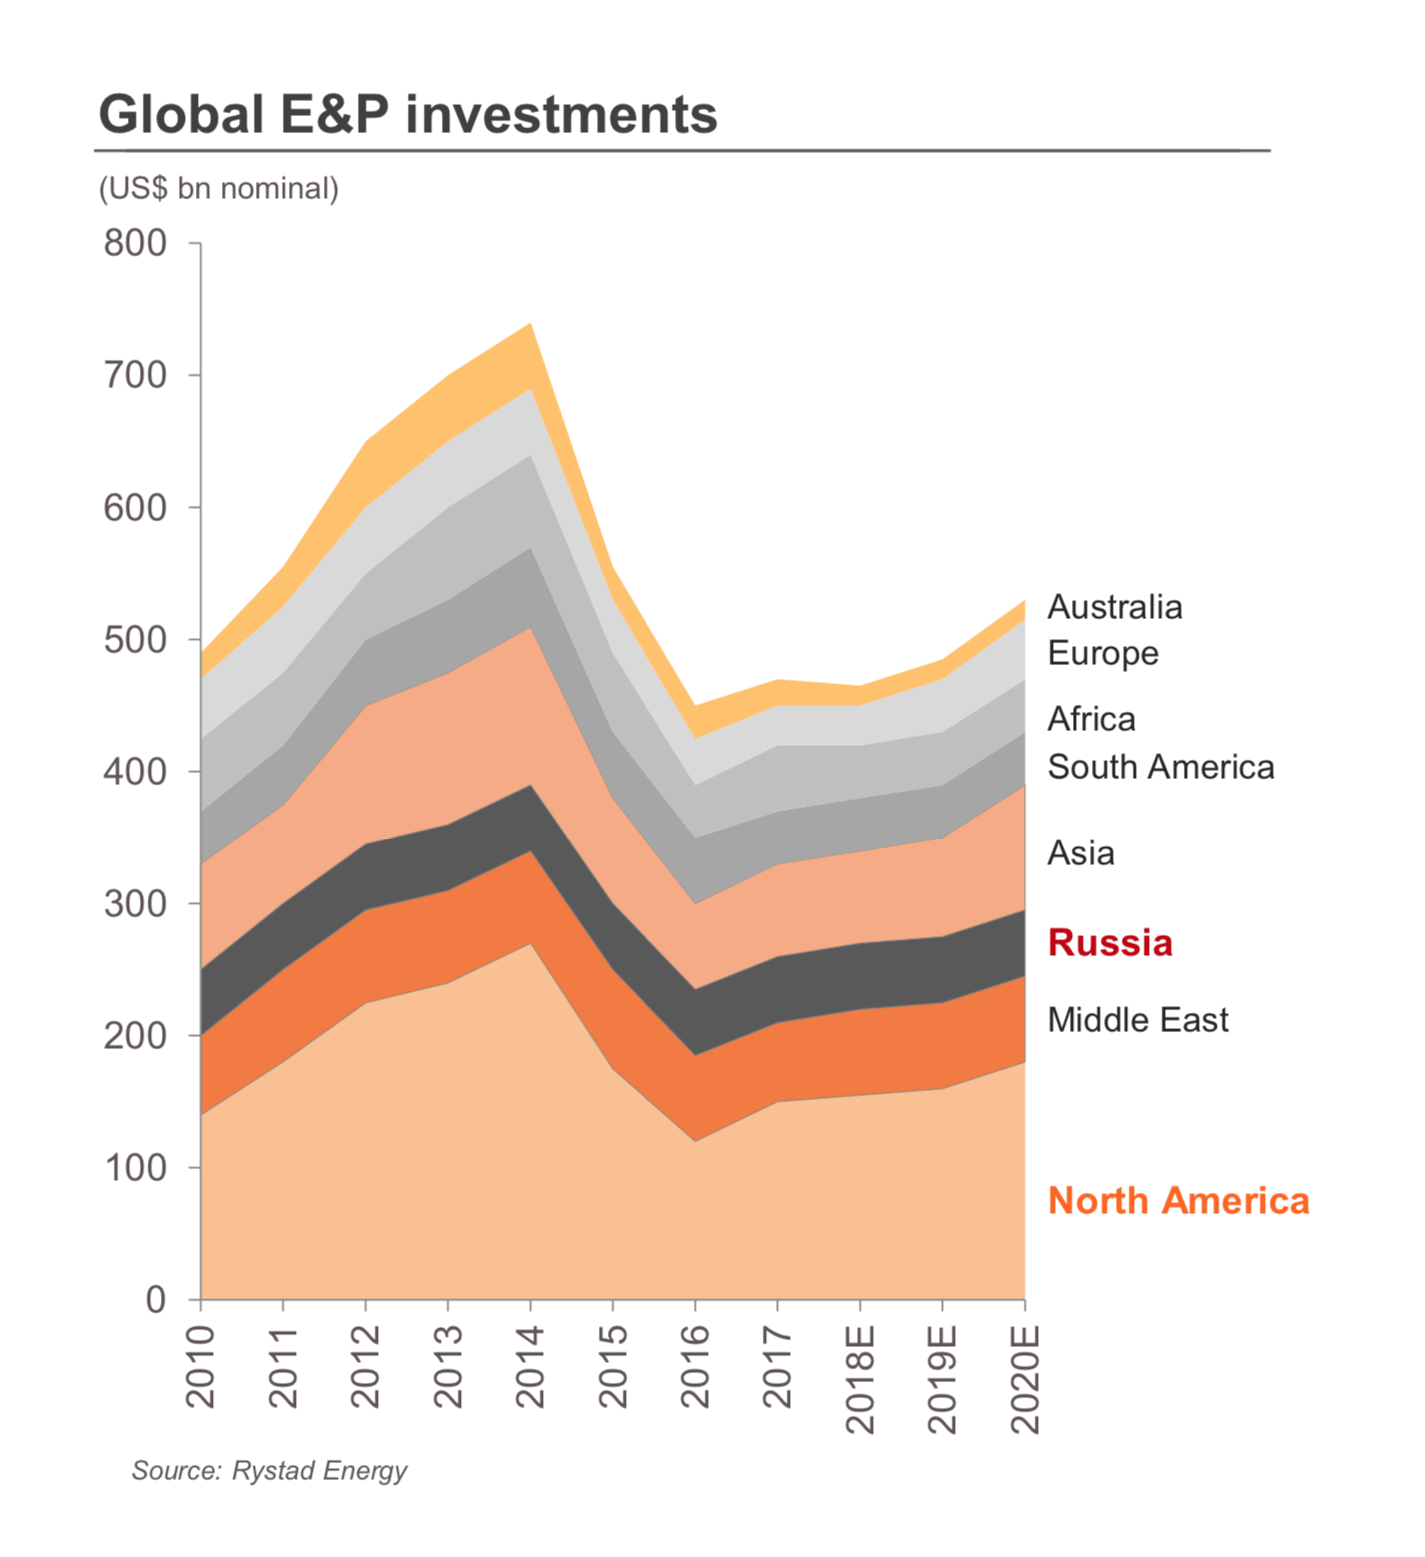 ТМК считает, что до 2020 года объем инвестиций в разведку и добычу нефти будет расти. Нефтяные компании — основной клиент ТМК. График: презентация ТМК за май 2019 года, стр. 6